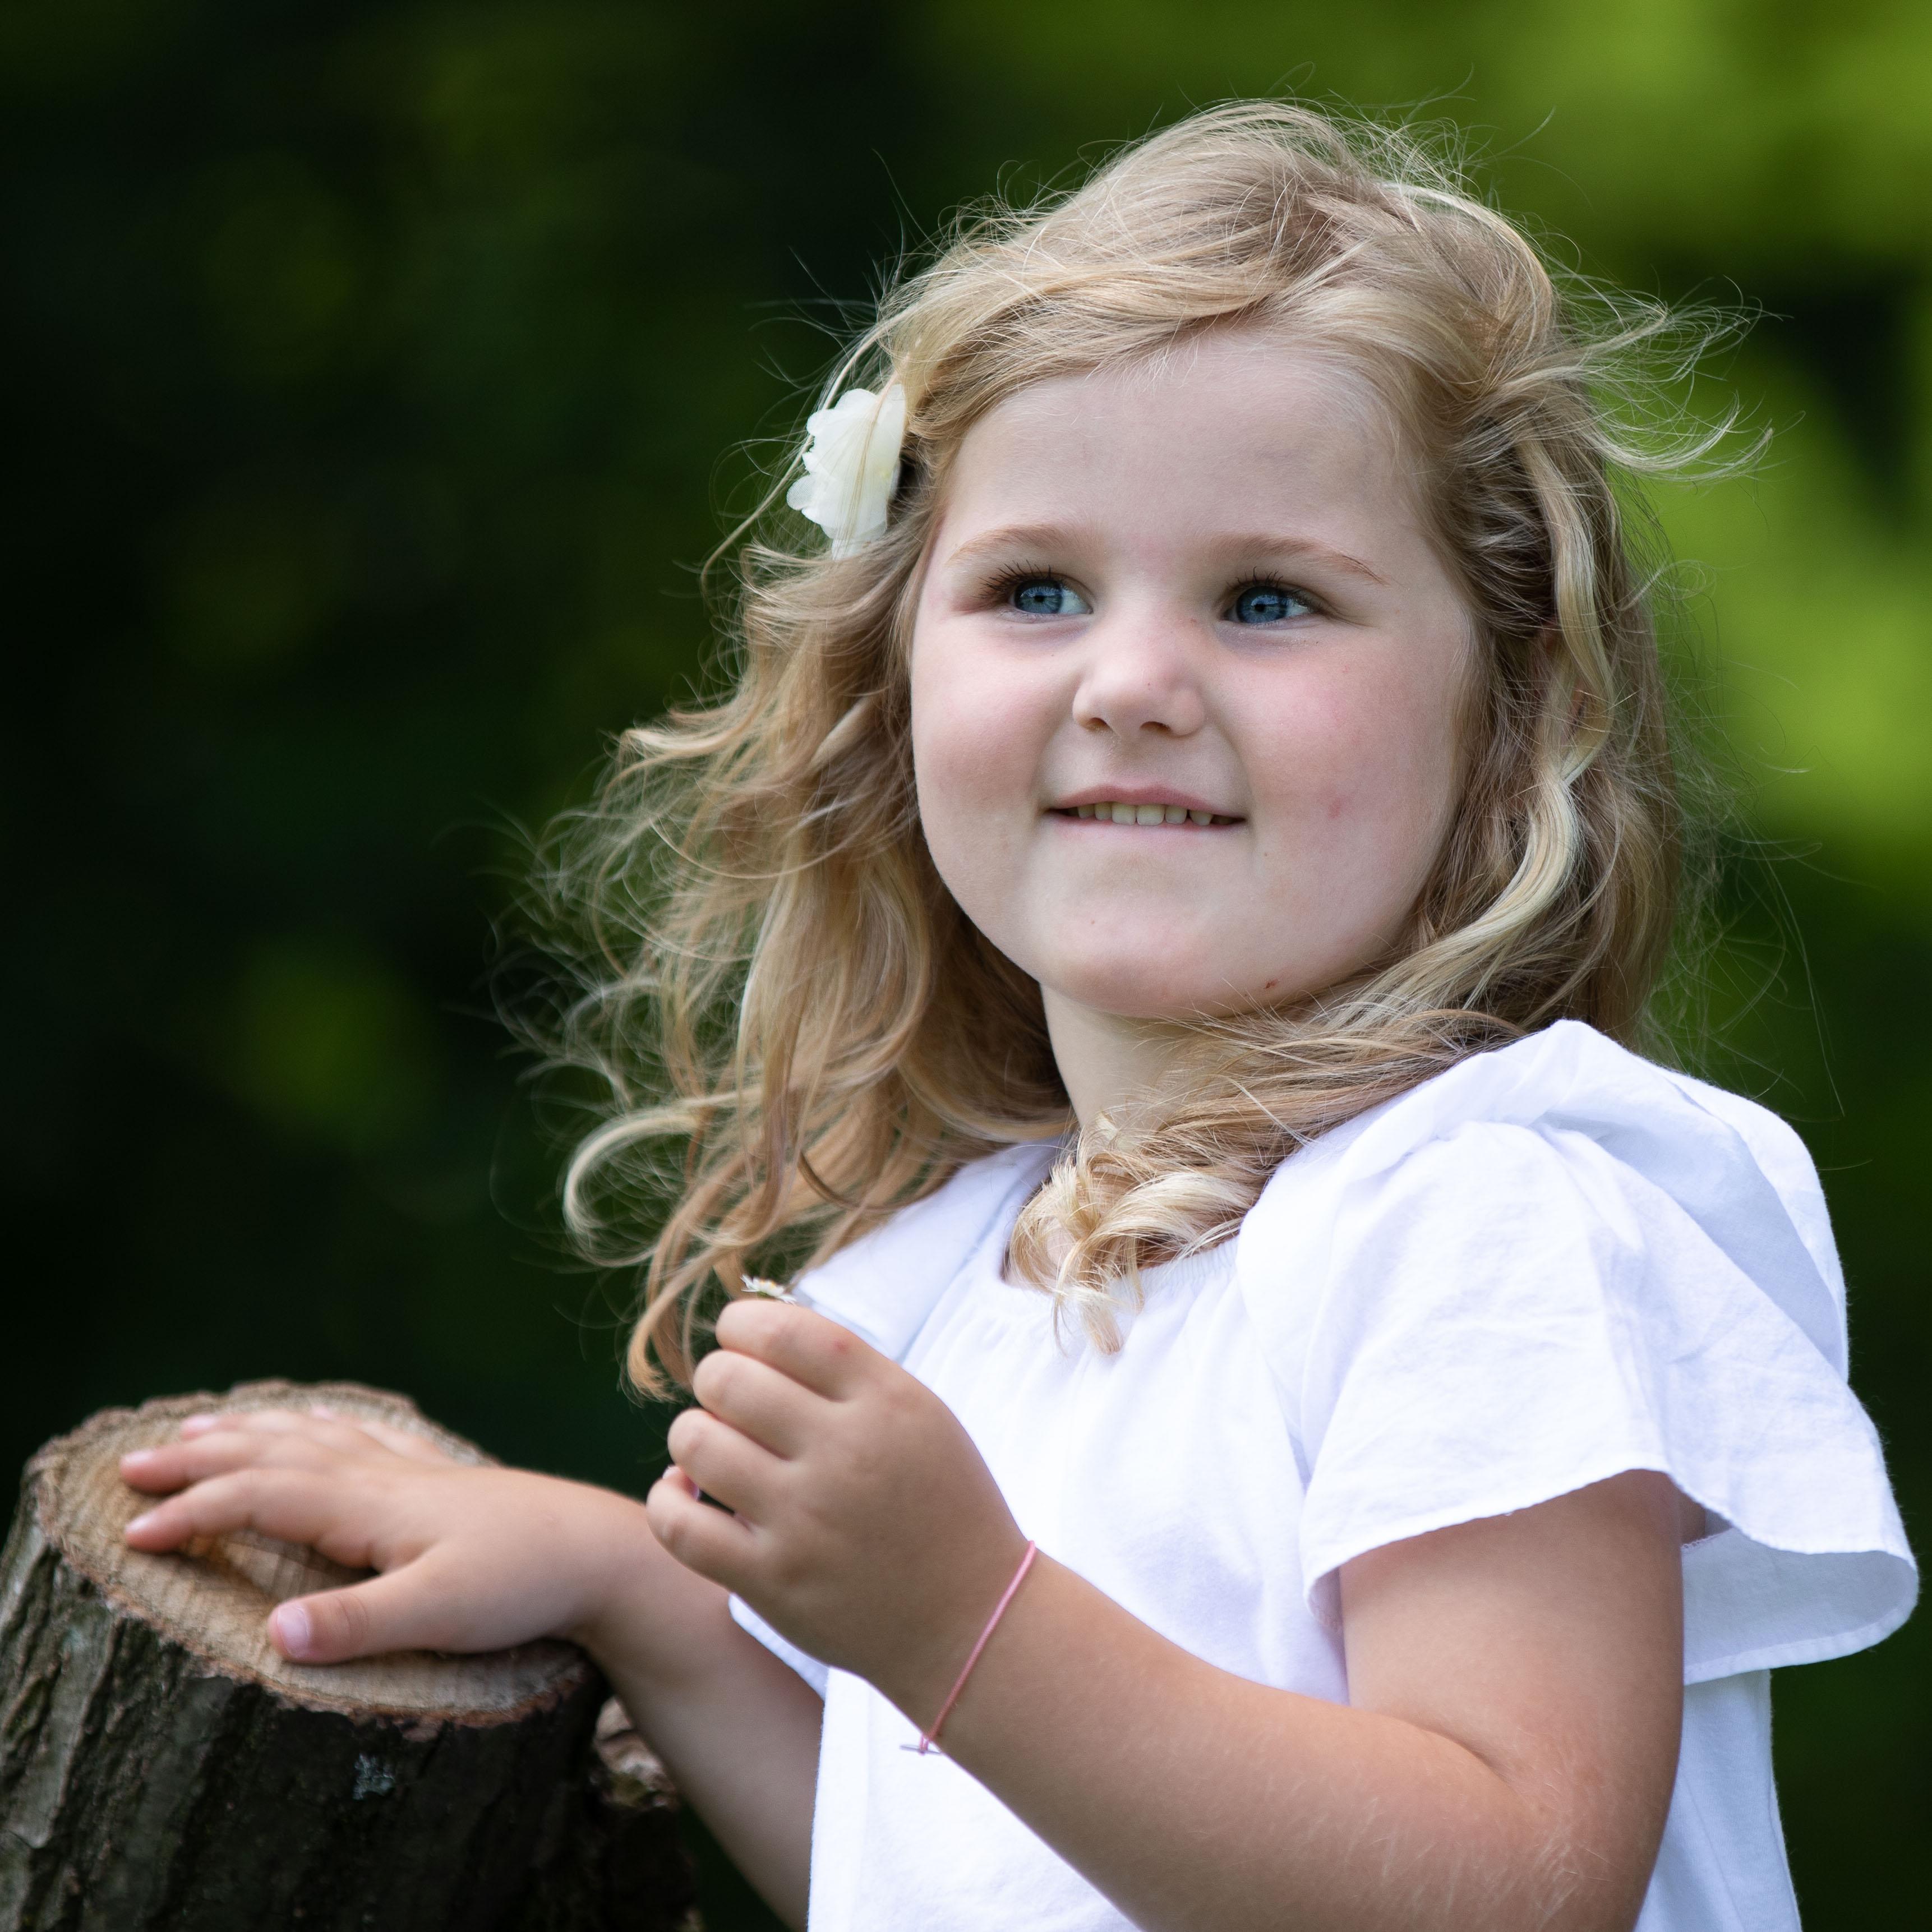 Marleen Verheul Fotografie, Kinderfotografie, meisje in het park